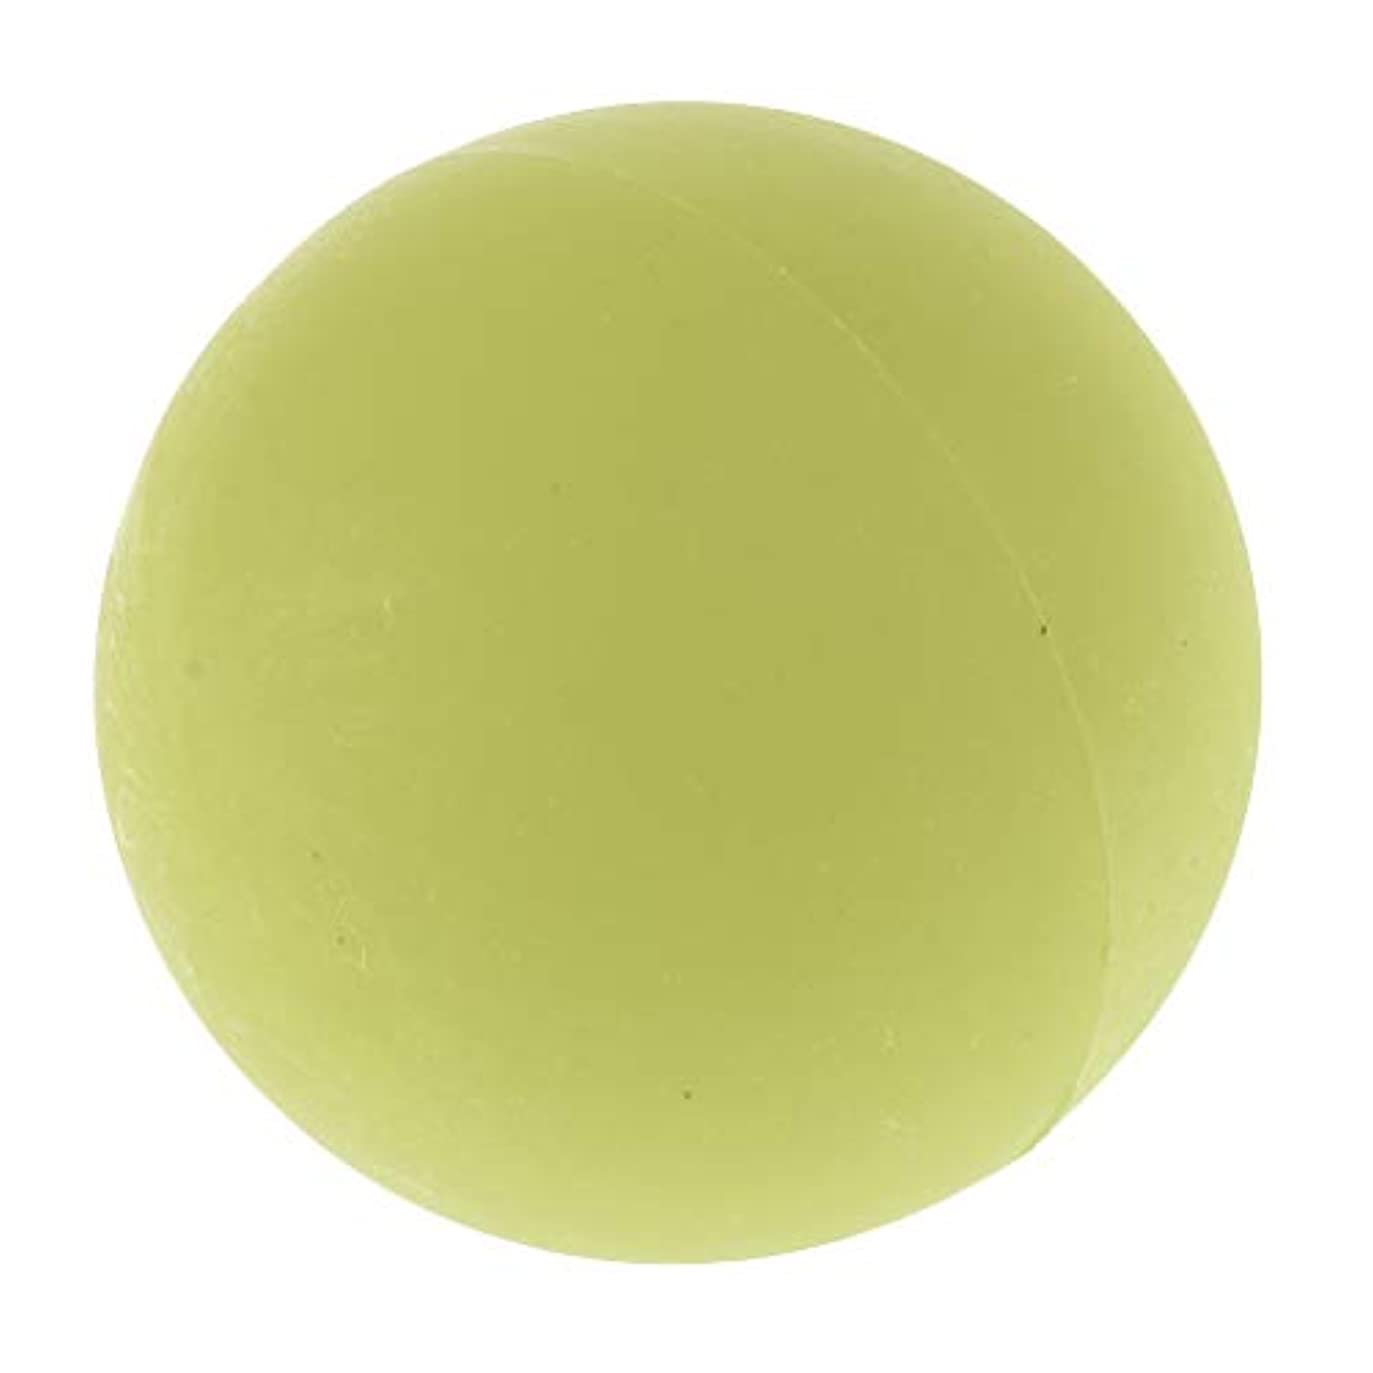 公使館真面目なドアchiwanji エクササイズ 筋膜リリース マッサージボール トレーニングボール ソフトボール ツボ押しグッズ 全4色 - 緑